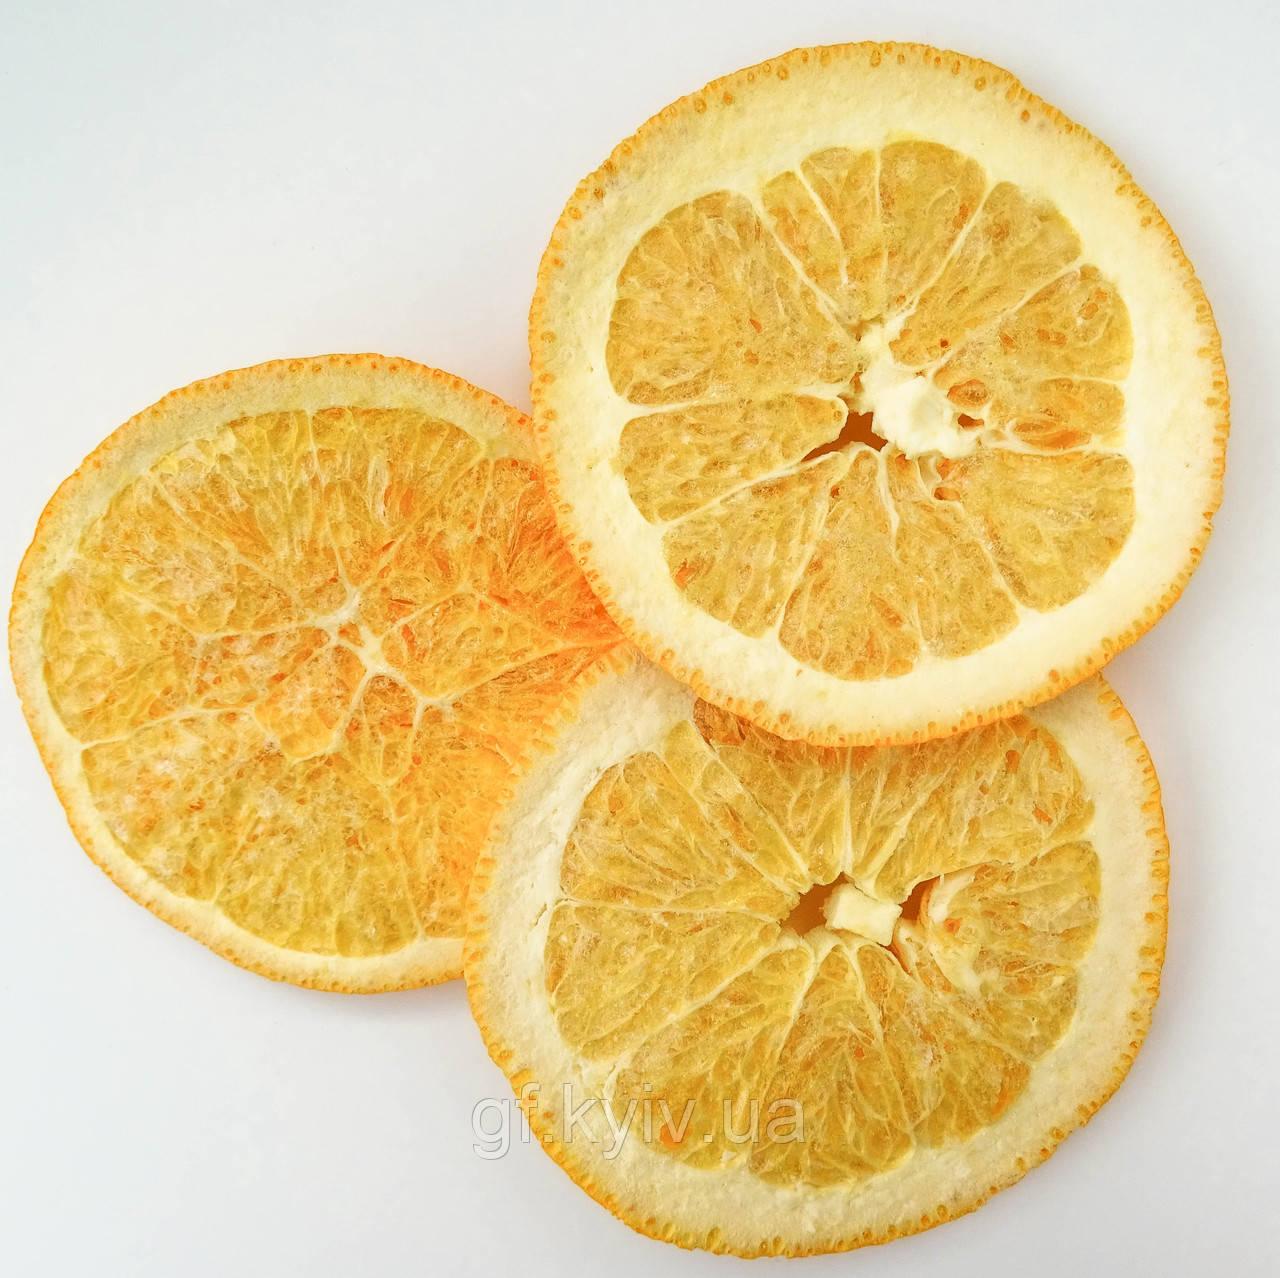 Апельсин слайсами 50г сублимированный натуральный от украинского производителя